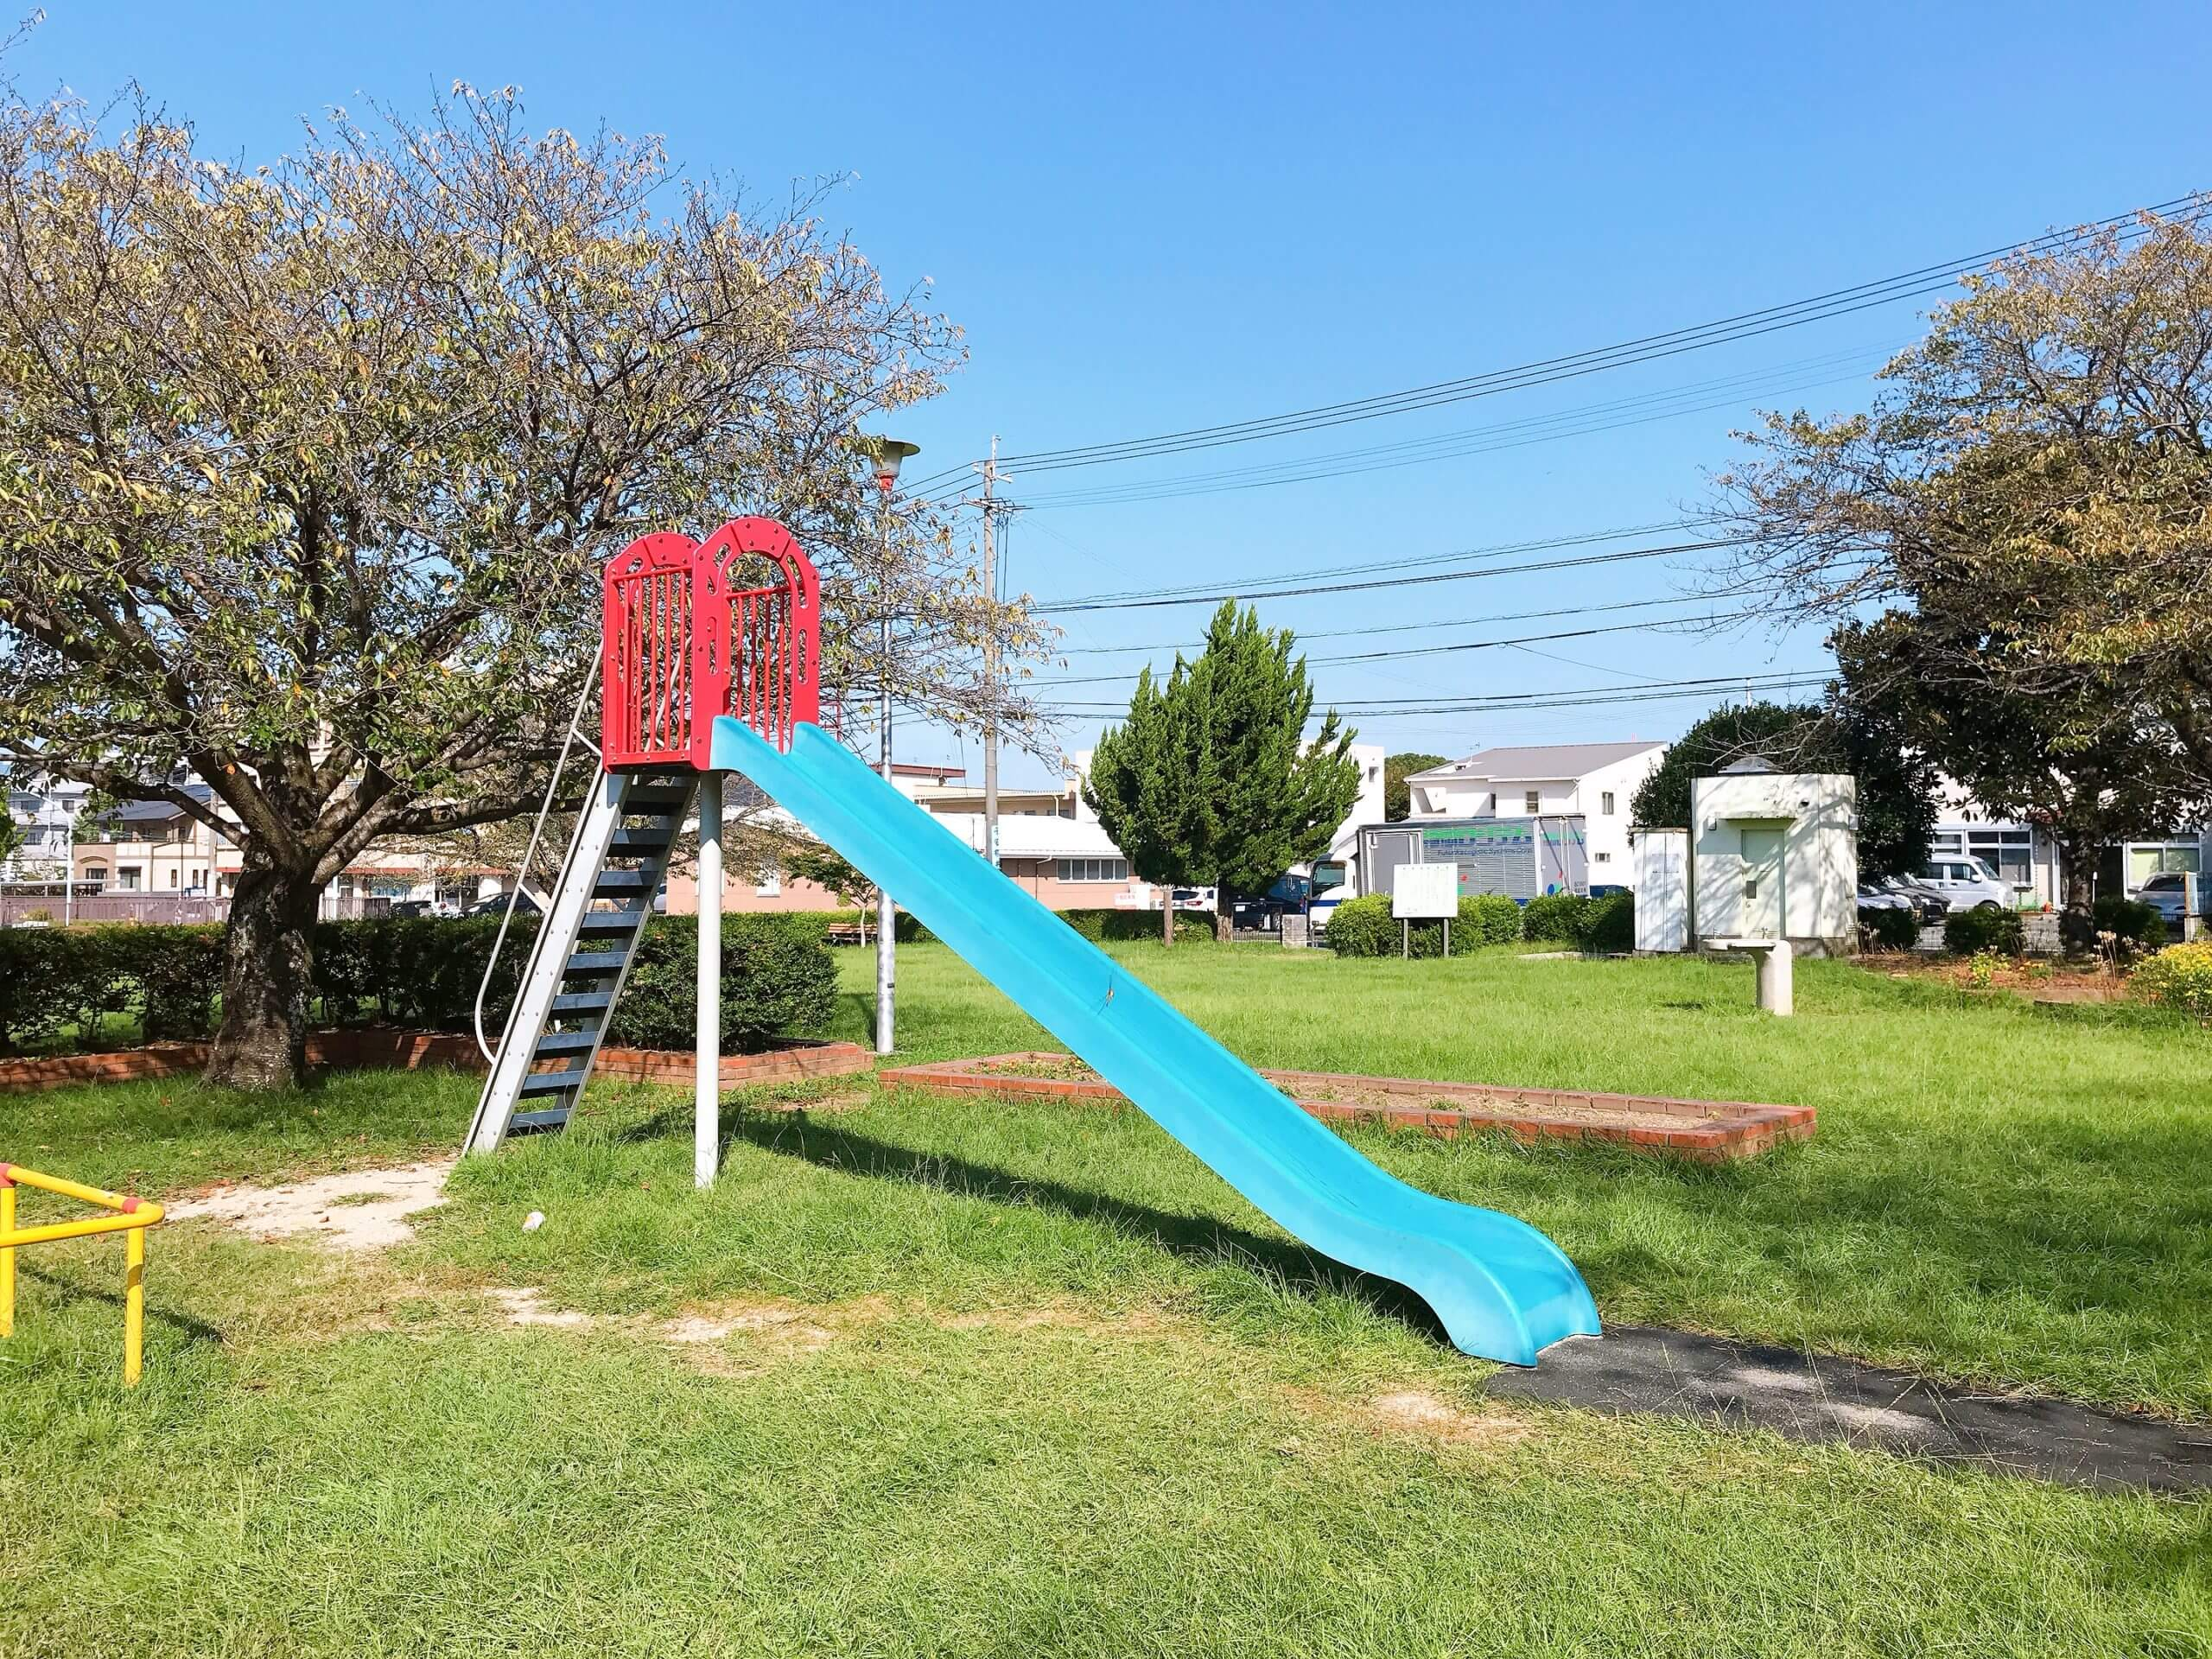 【鳥井原公園】児童館も近くにあり!2ヶ月に一度のマルシェも楽しい♪《熊本市東区錦ヶ丘》